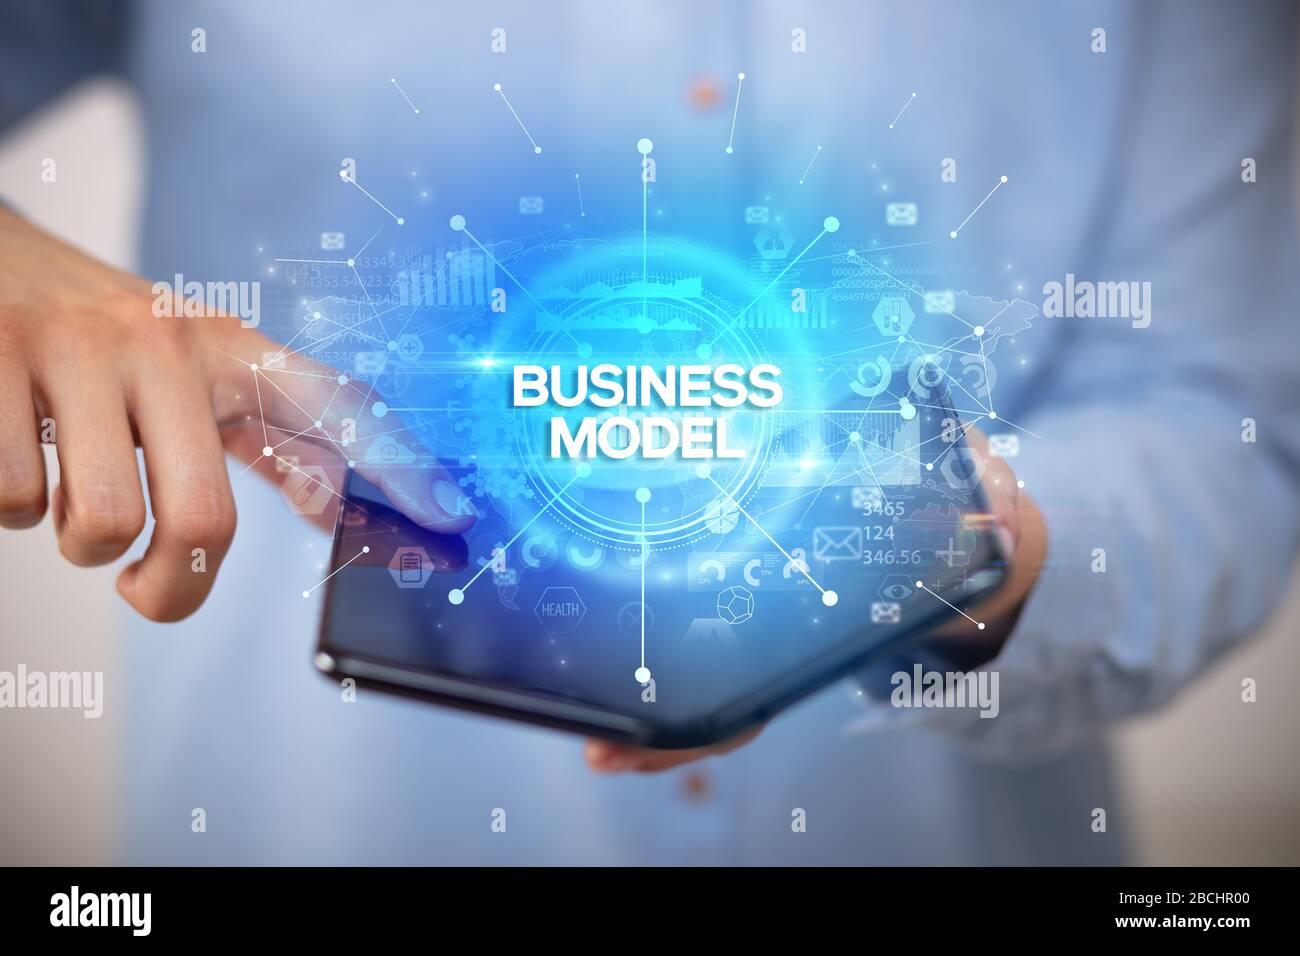 Imprenditore tenendo un smartphone pieghevole con il modello di business iscrizione, nuovo concetto di business Foto Stock